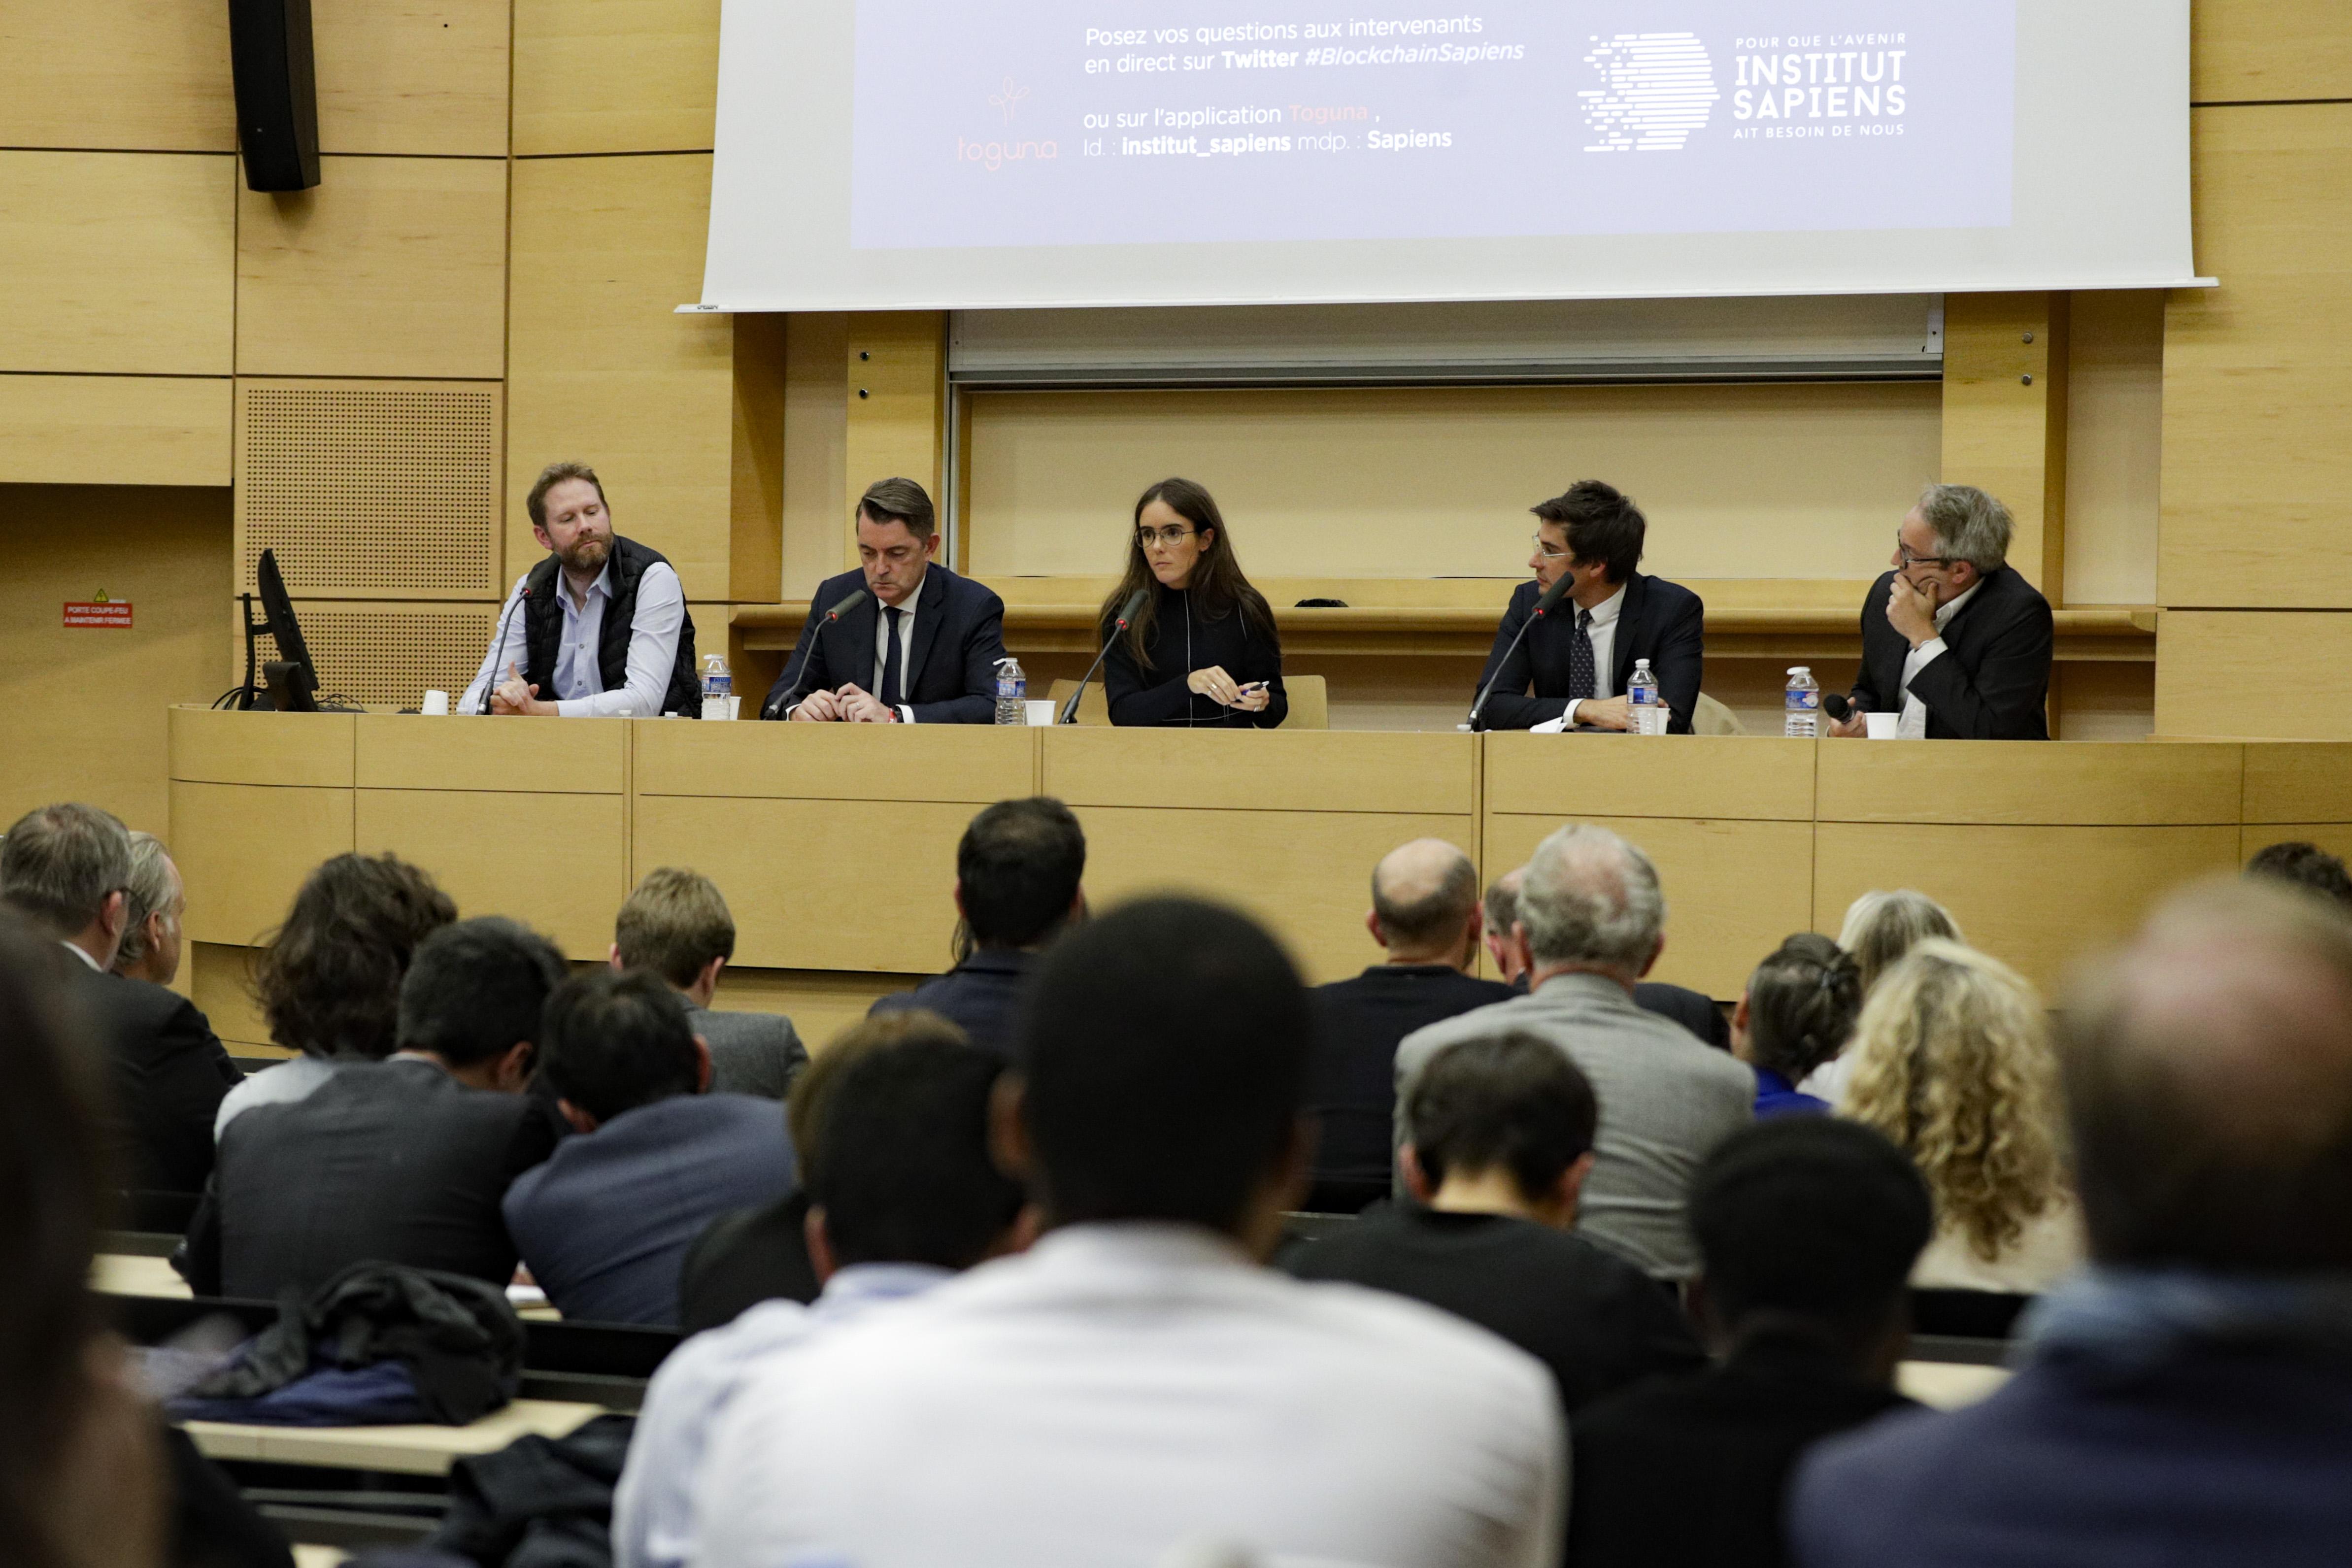 Conférence Sapiens #1 – Cryptomonnaie : des faux-monnayeurs ?